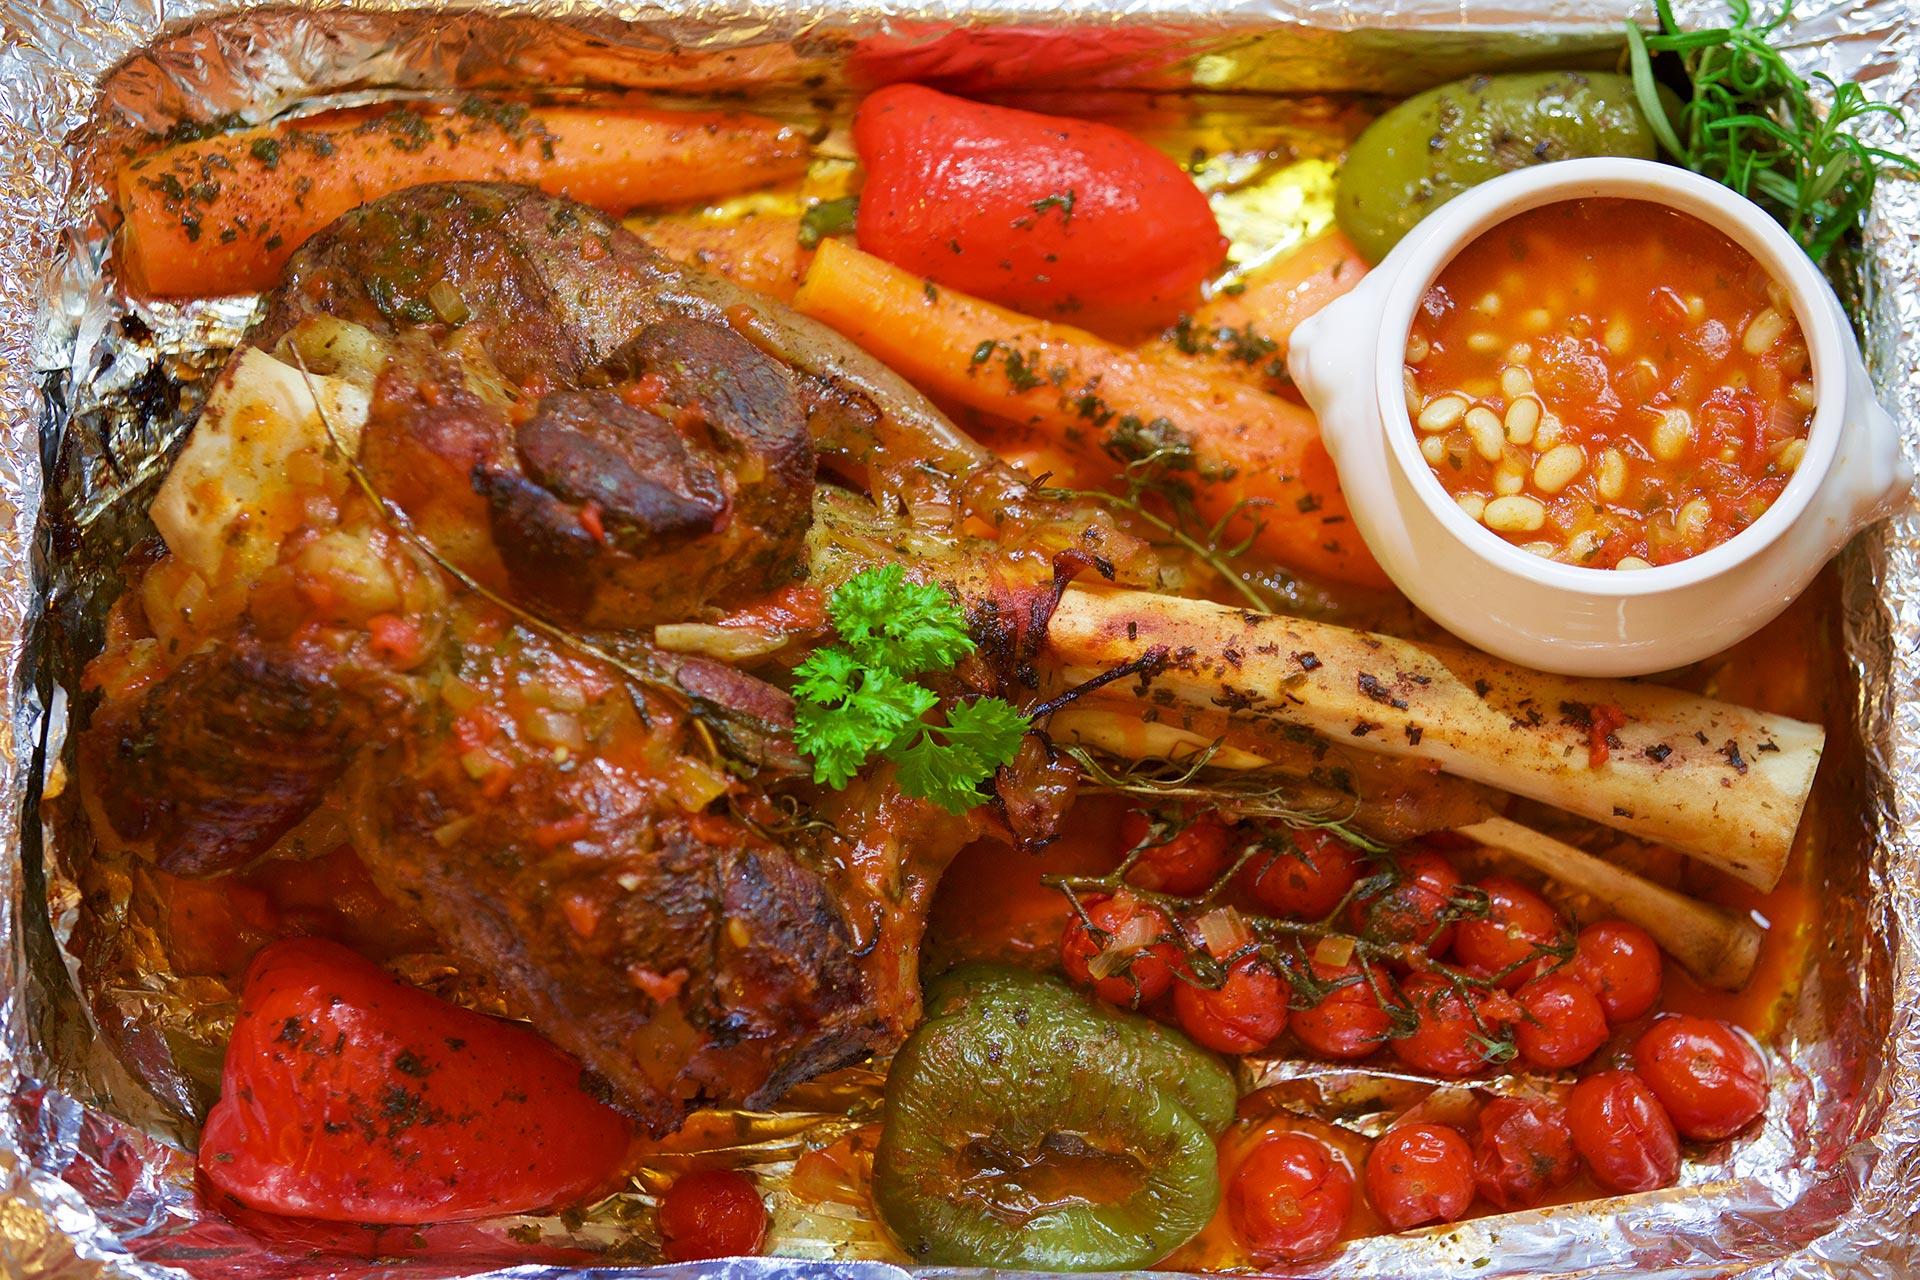 Bob Tschorba mit schmackhaftem Fleisch und Gemüse